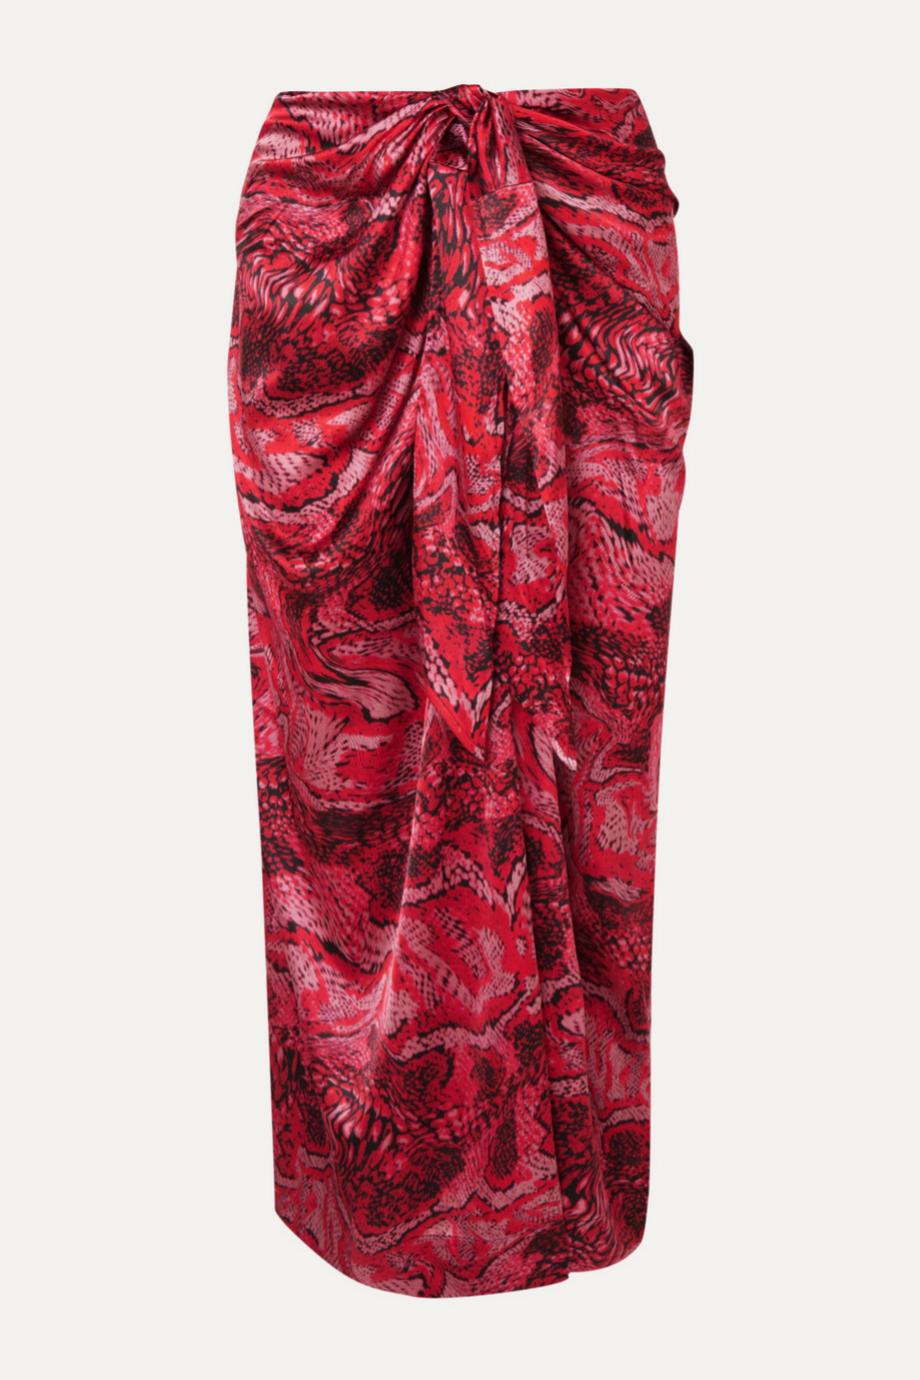 Falda tipo pareo estampada de colores de Ganni (99¤)